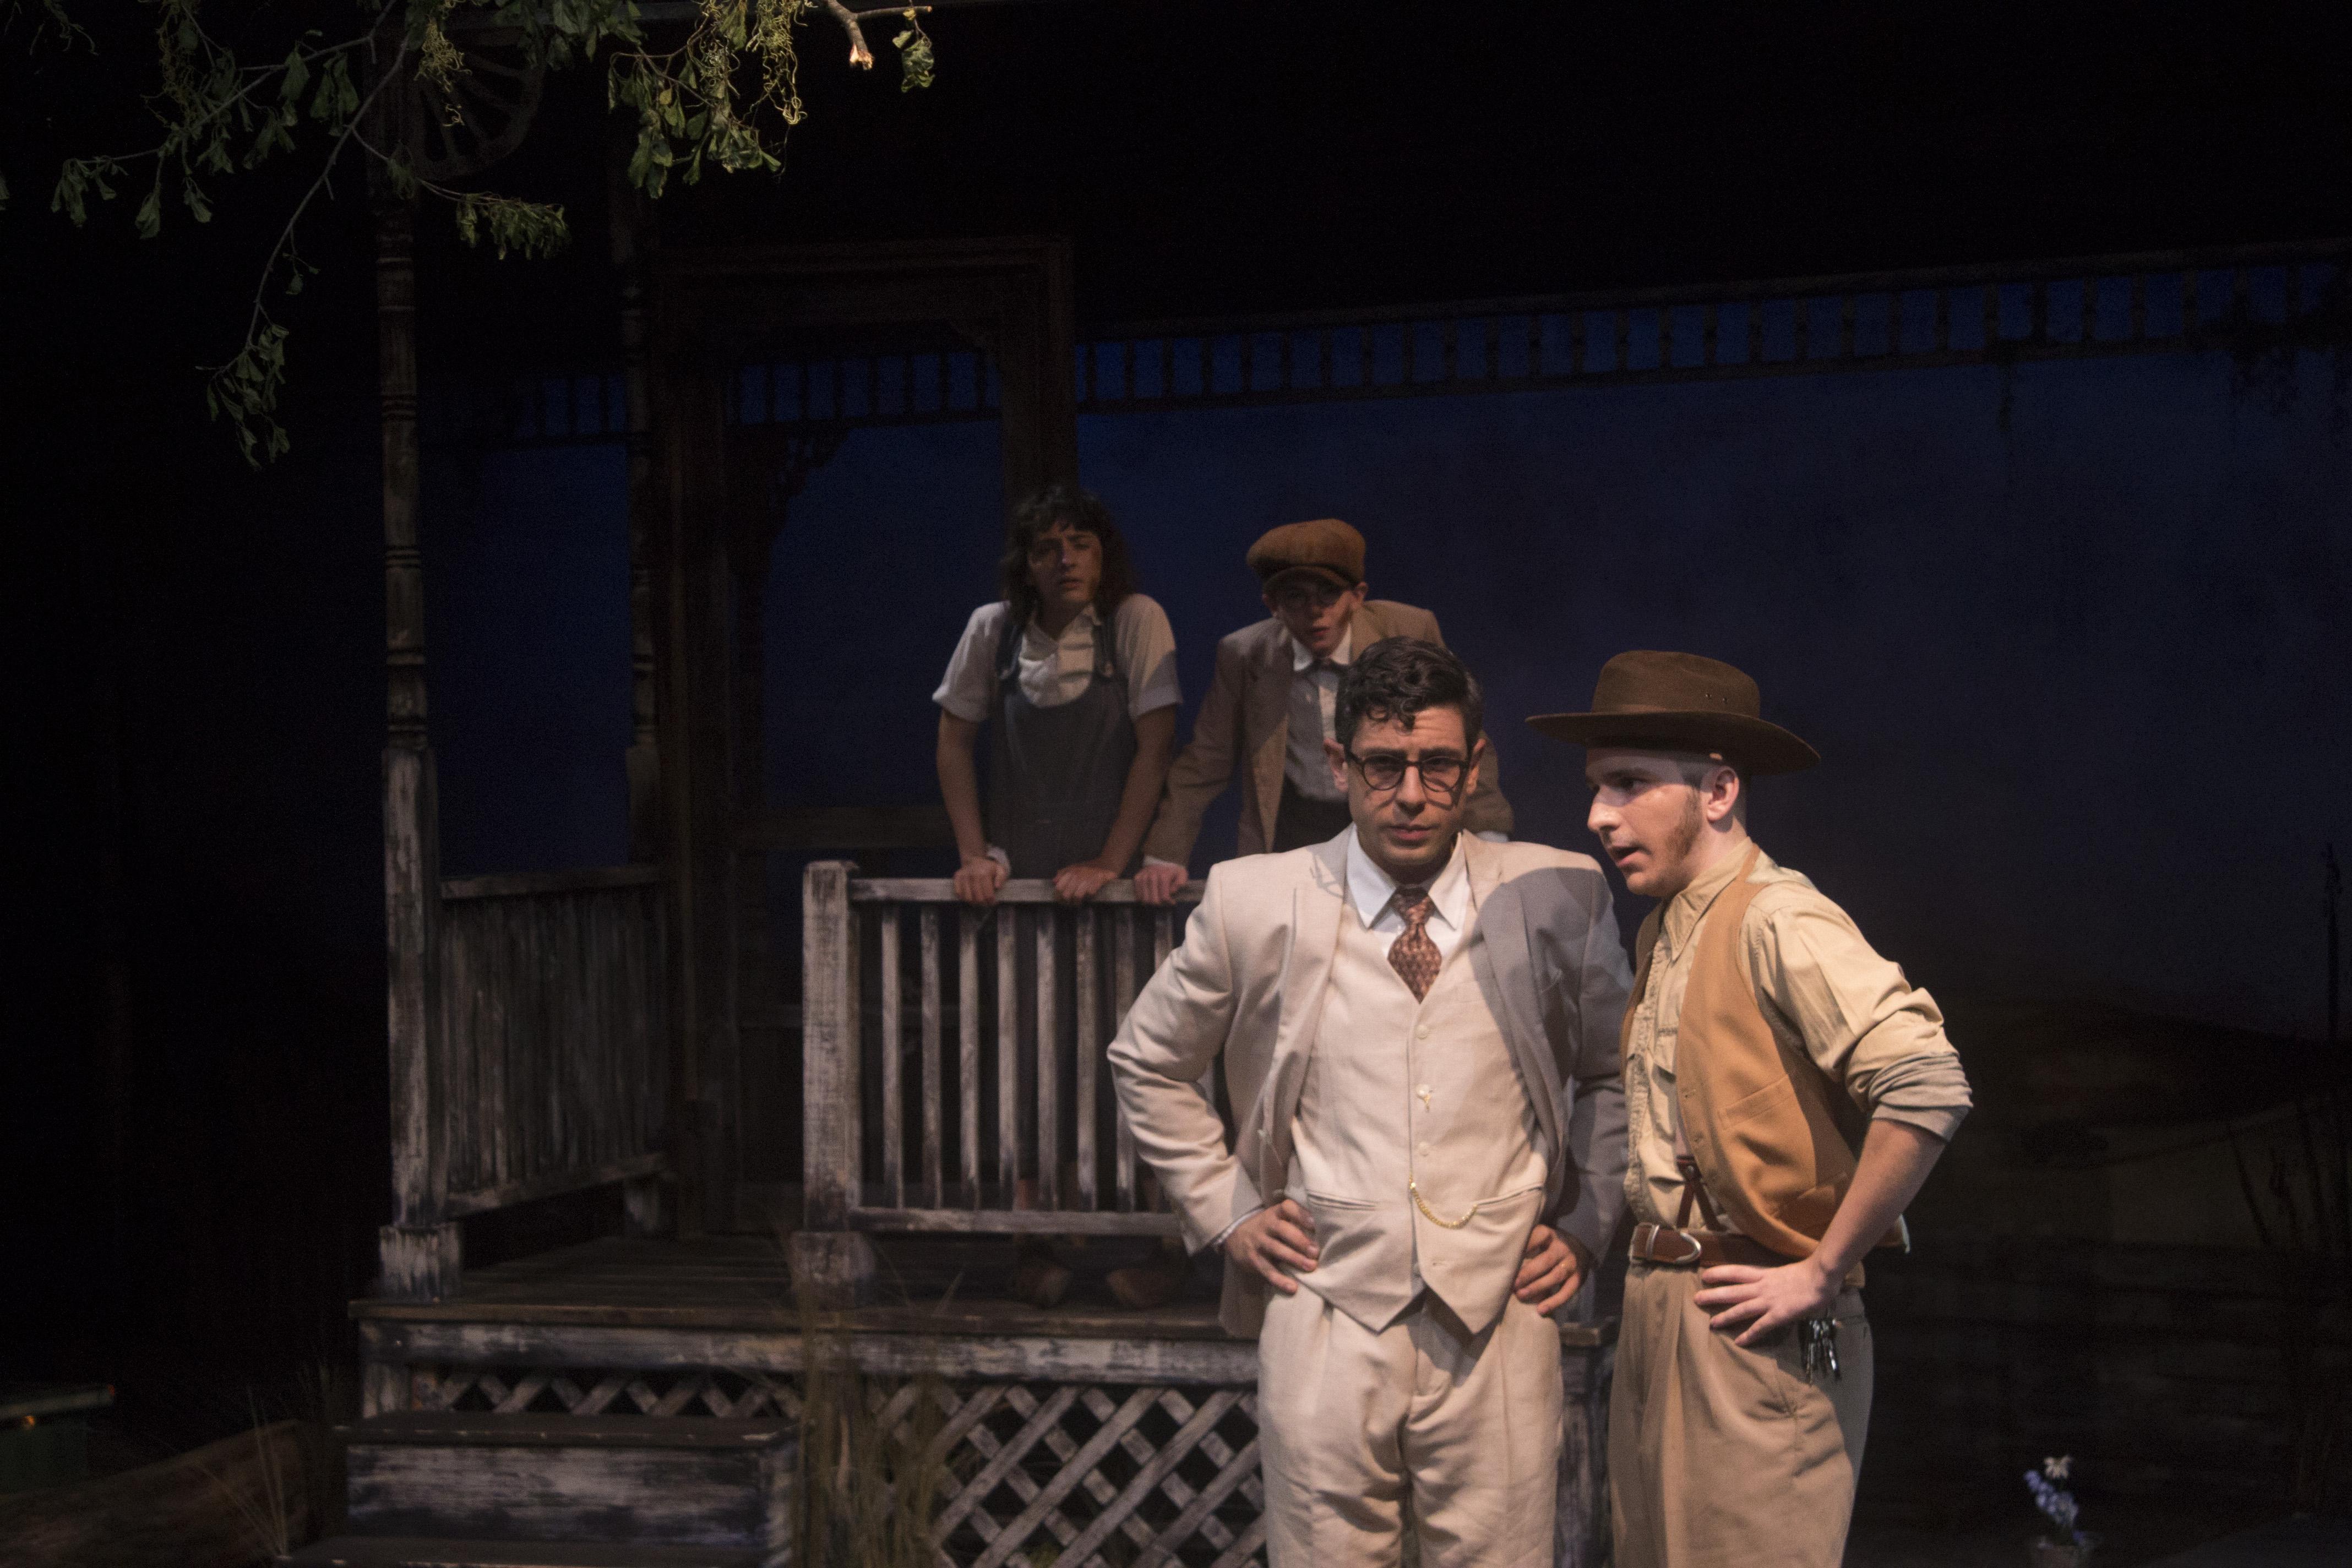 Atticus Finch & Heck Tate